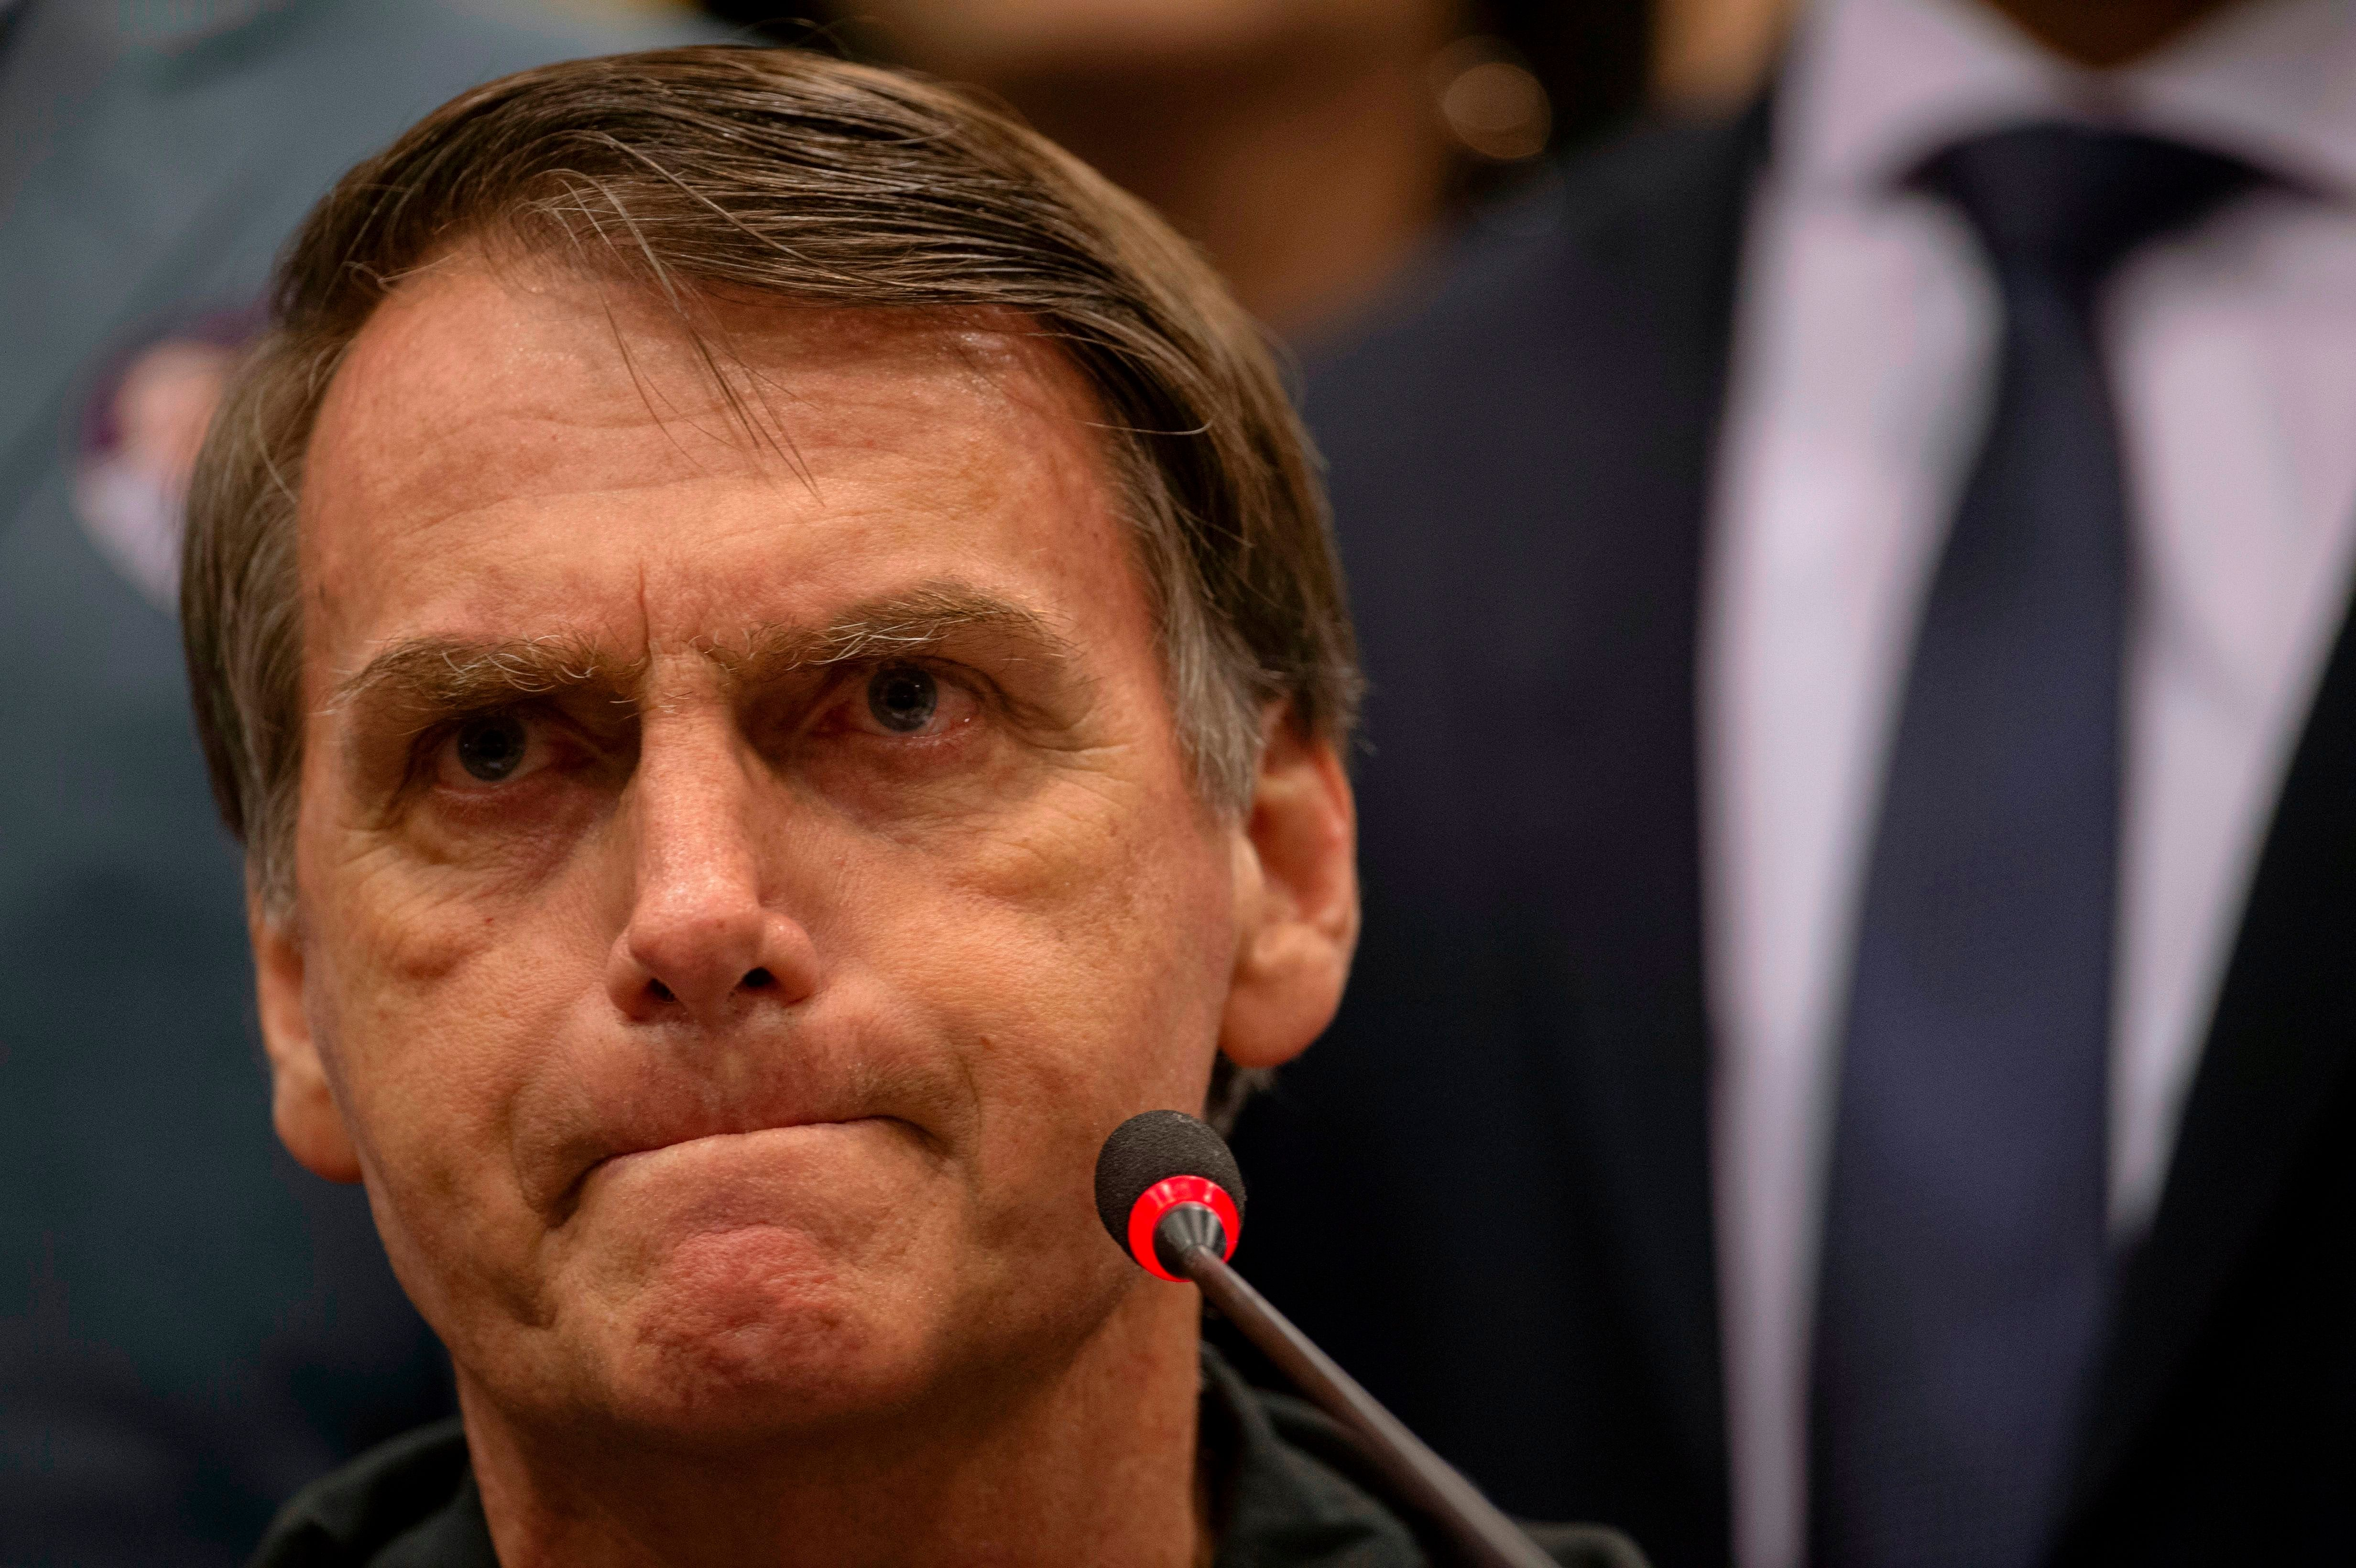 Bolsonaro reage a críticas sobre posse de armas: 'Muitas falácias sendo